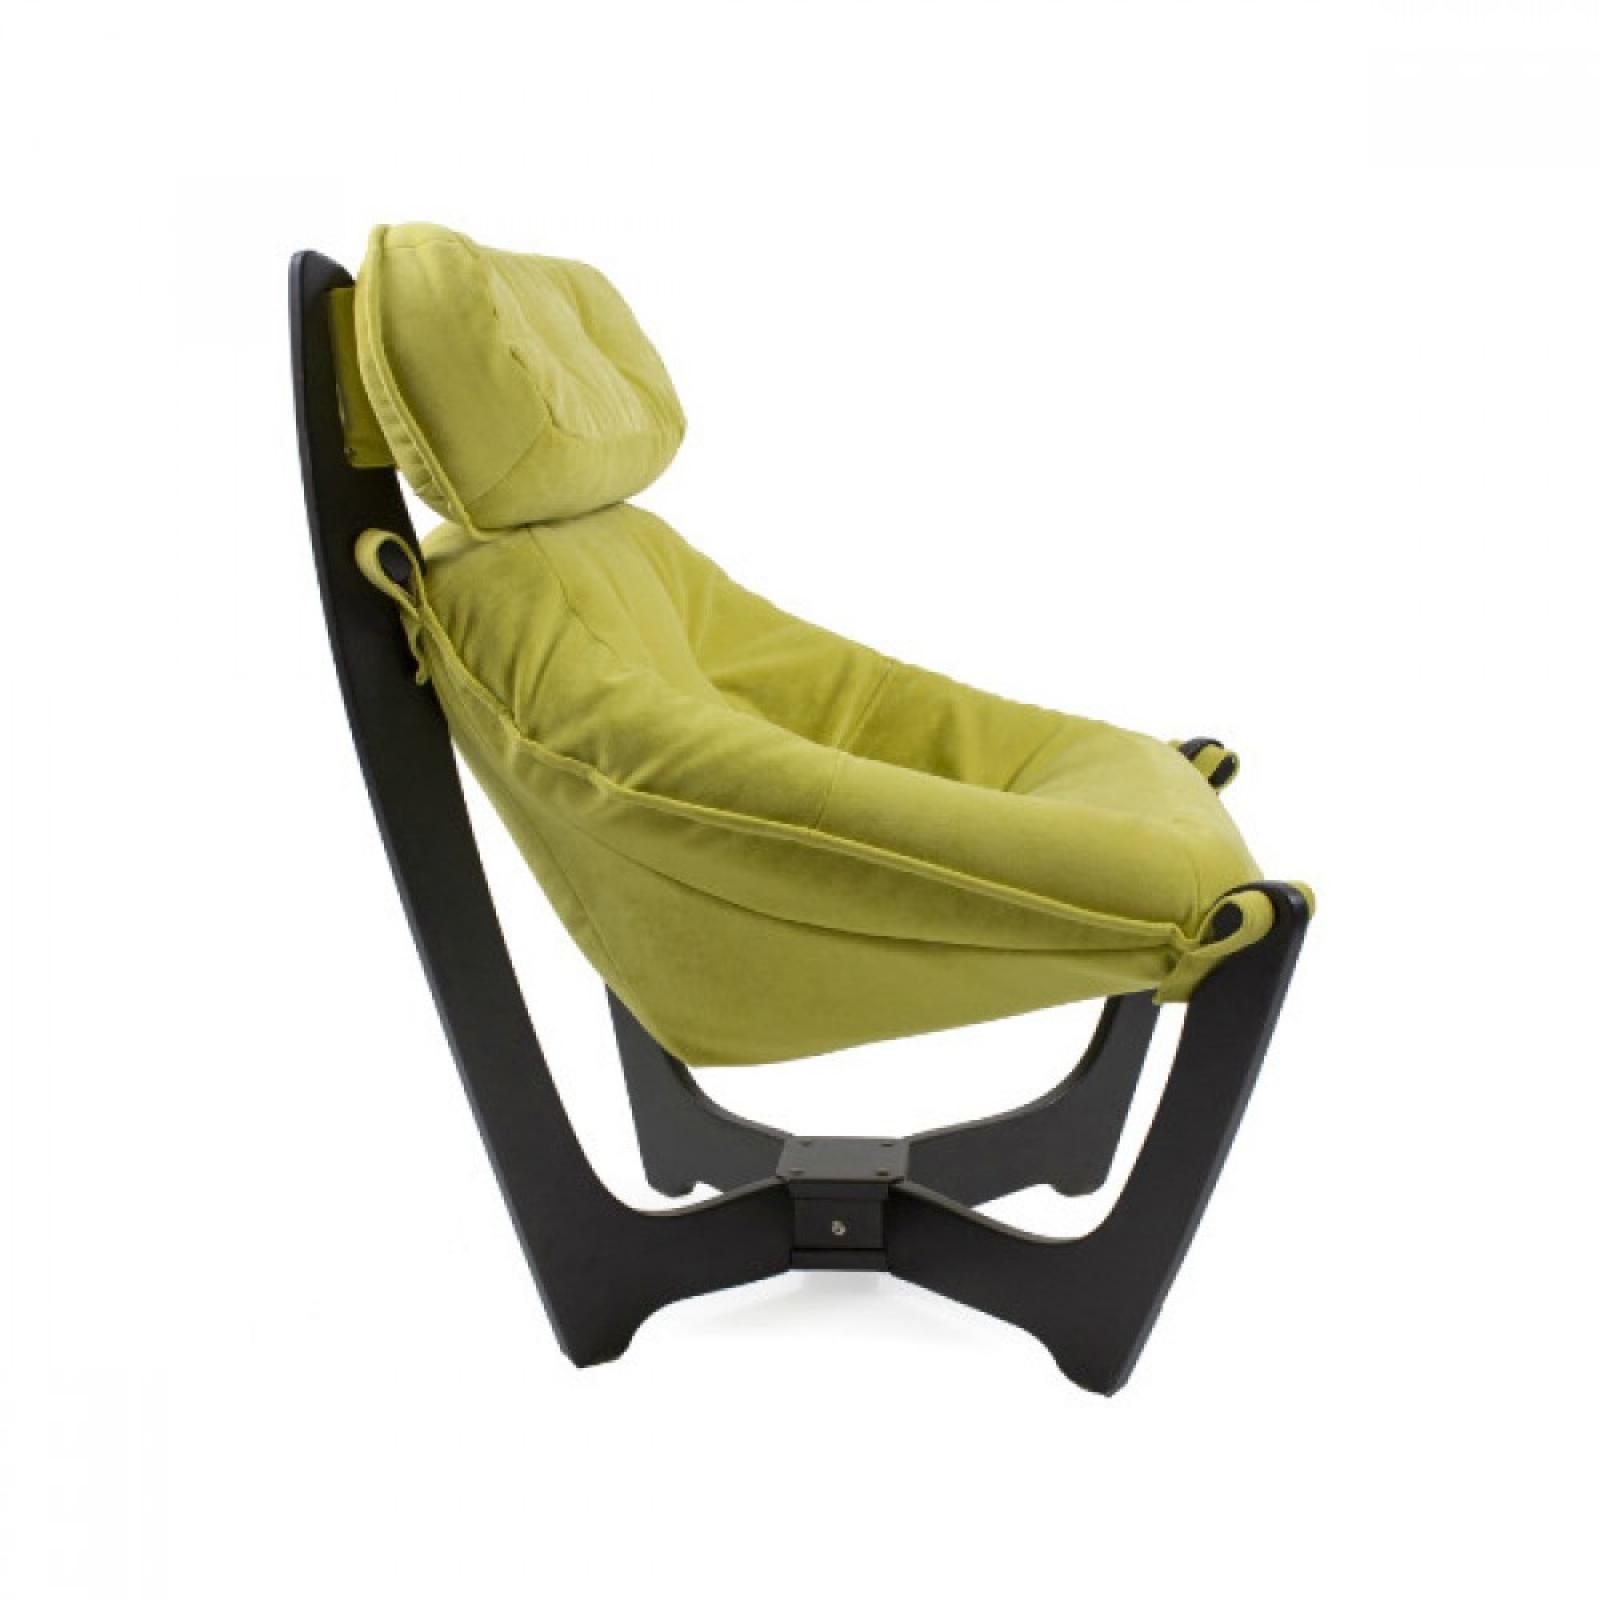 """Кресло для отдыха """"Луна"""", Модель 11 Венге/Apple - 1"""